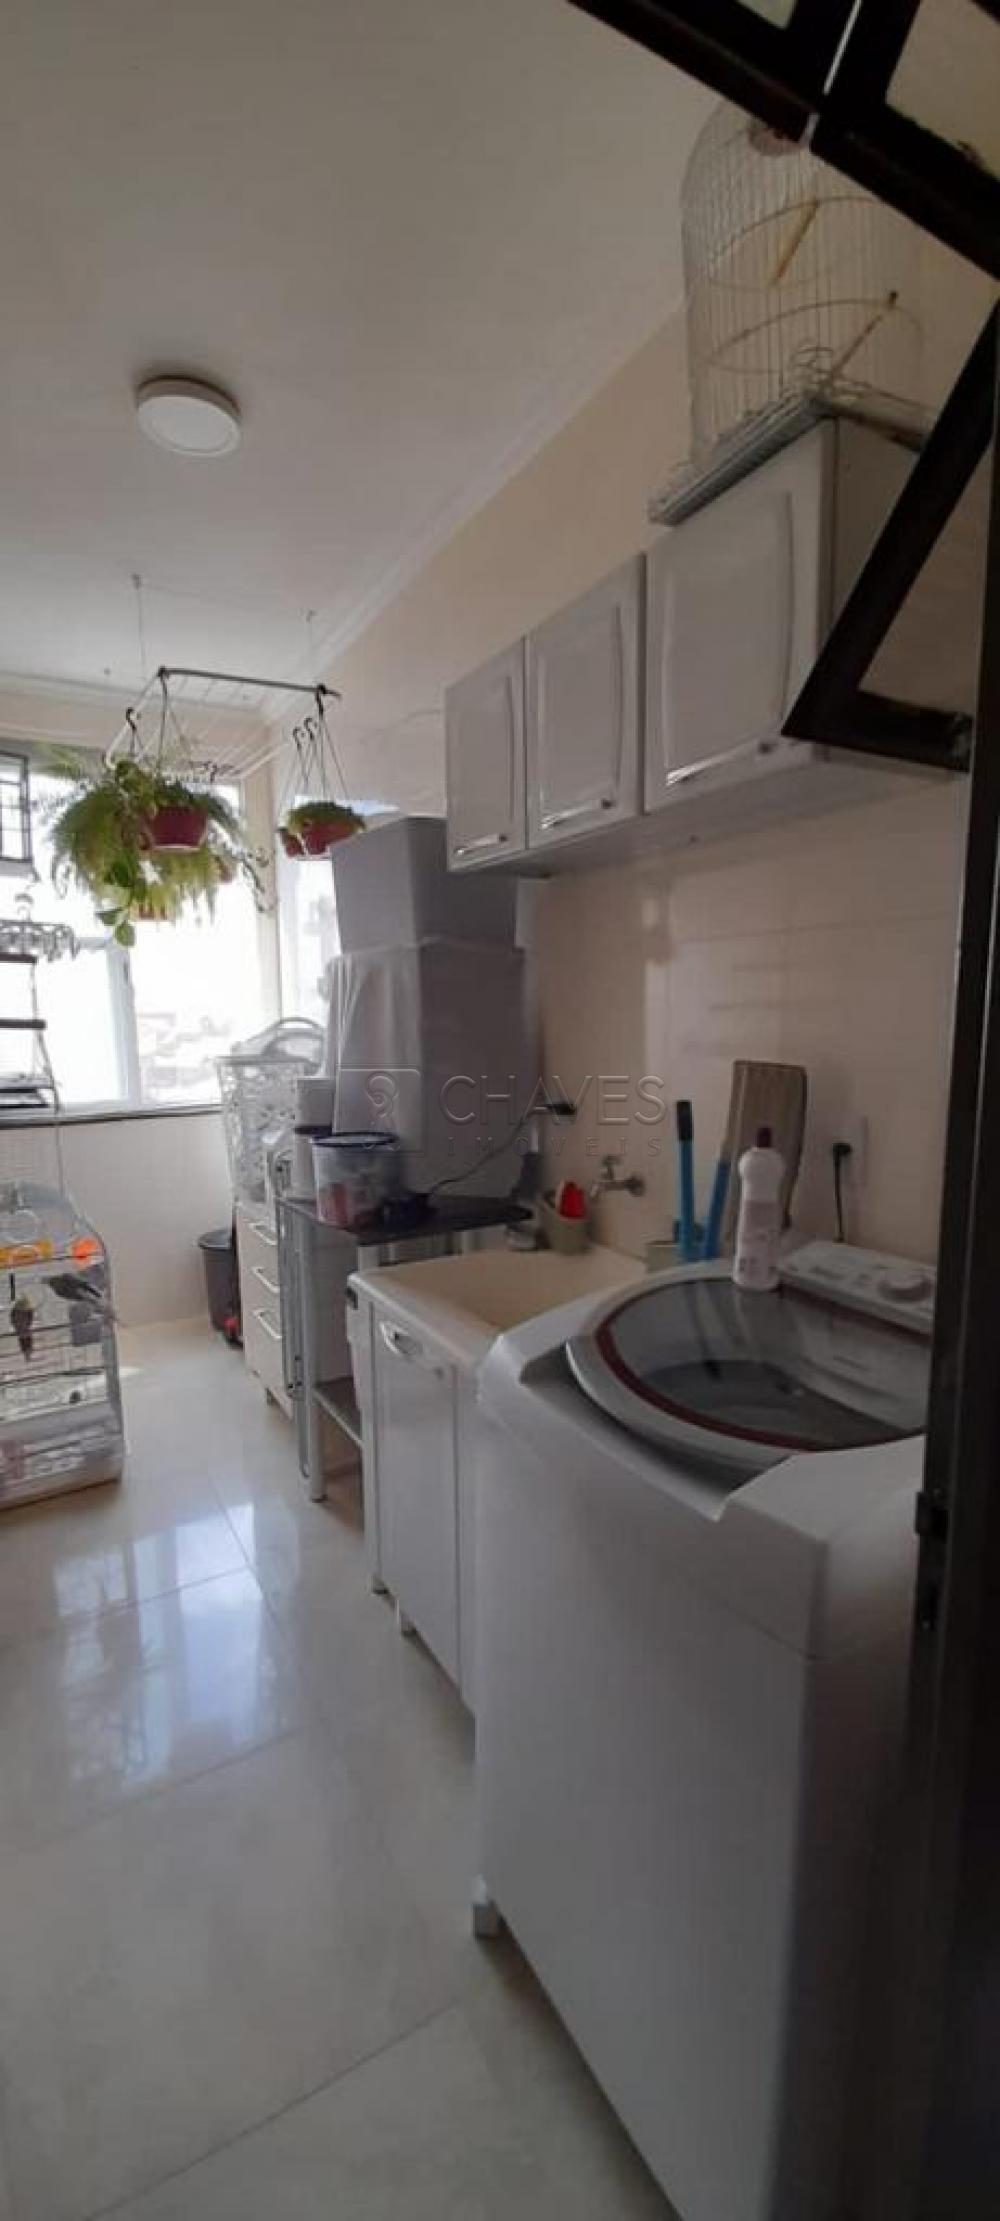 Comprar Apartamento / Padrão em Ribeirão Preto R$ 299.000,00 - Foto 22